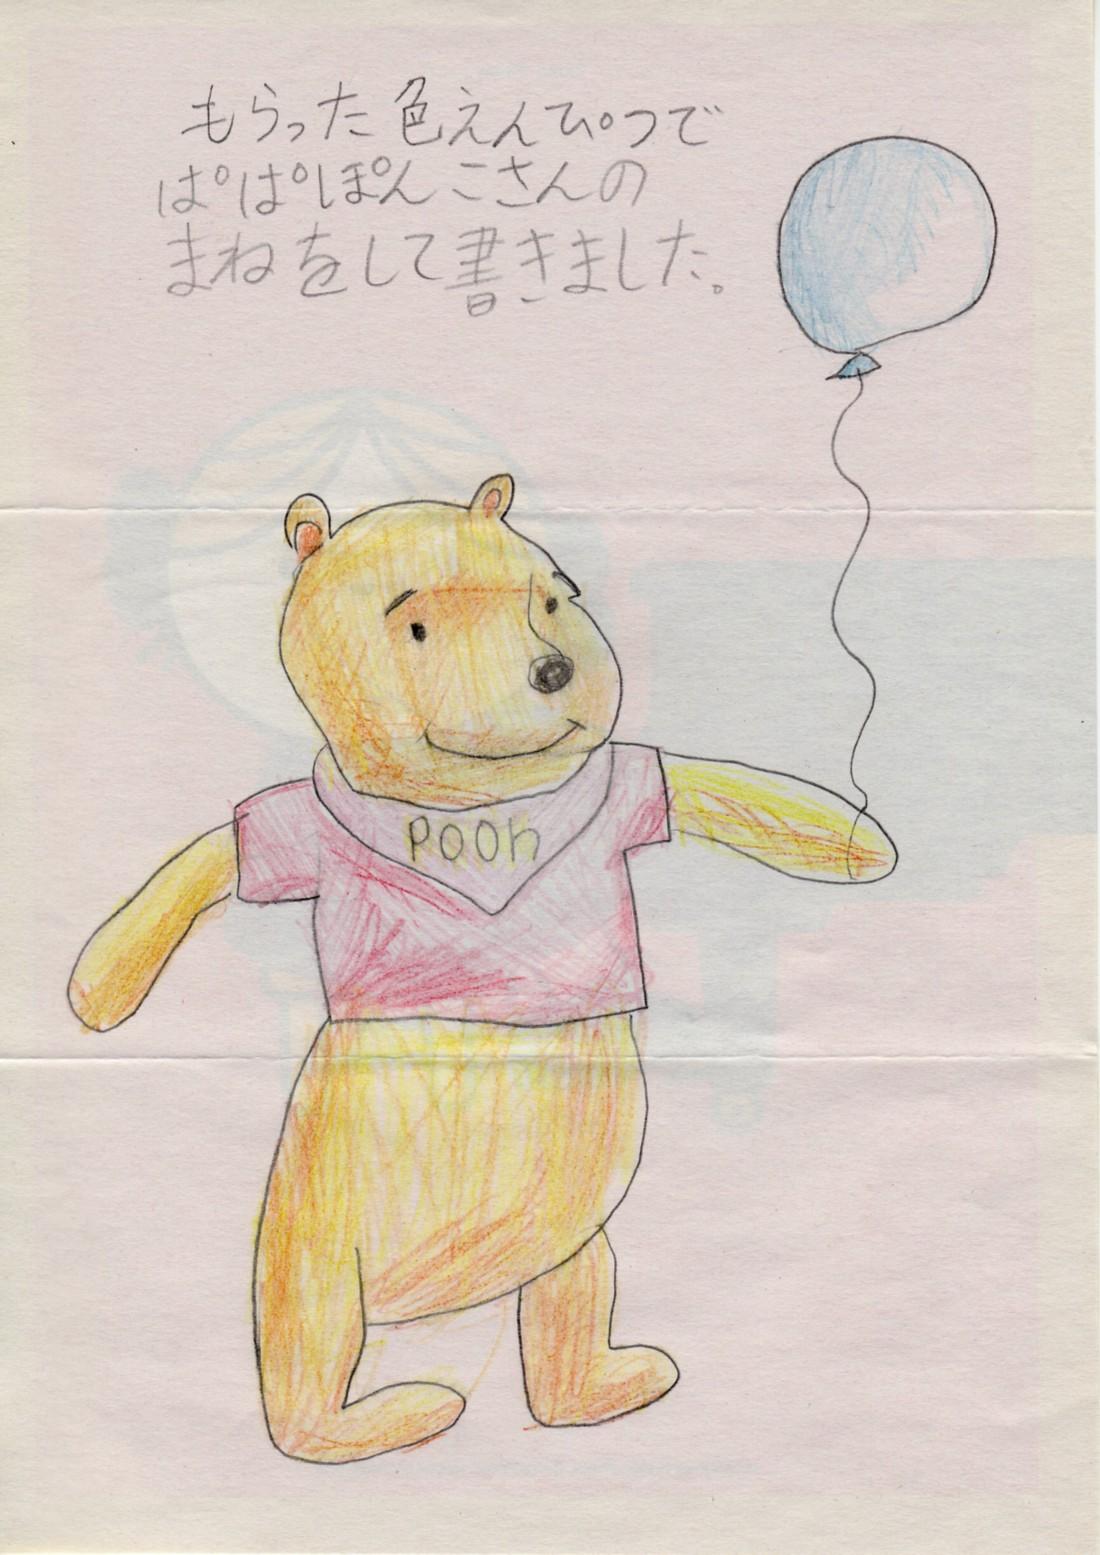 松元環季の画像 p1_15